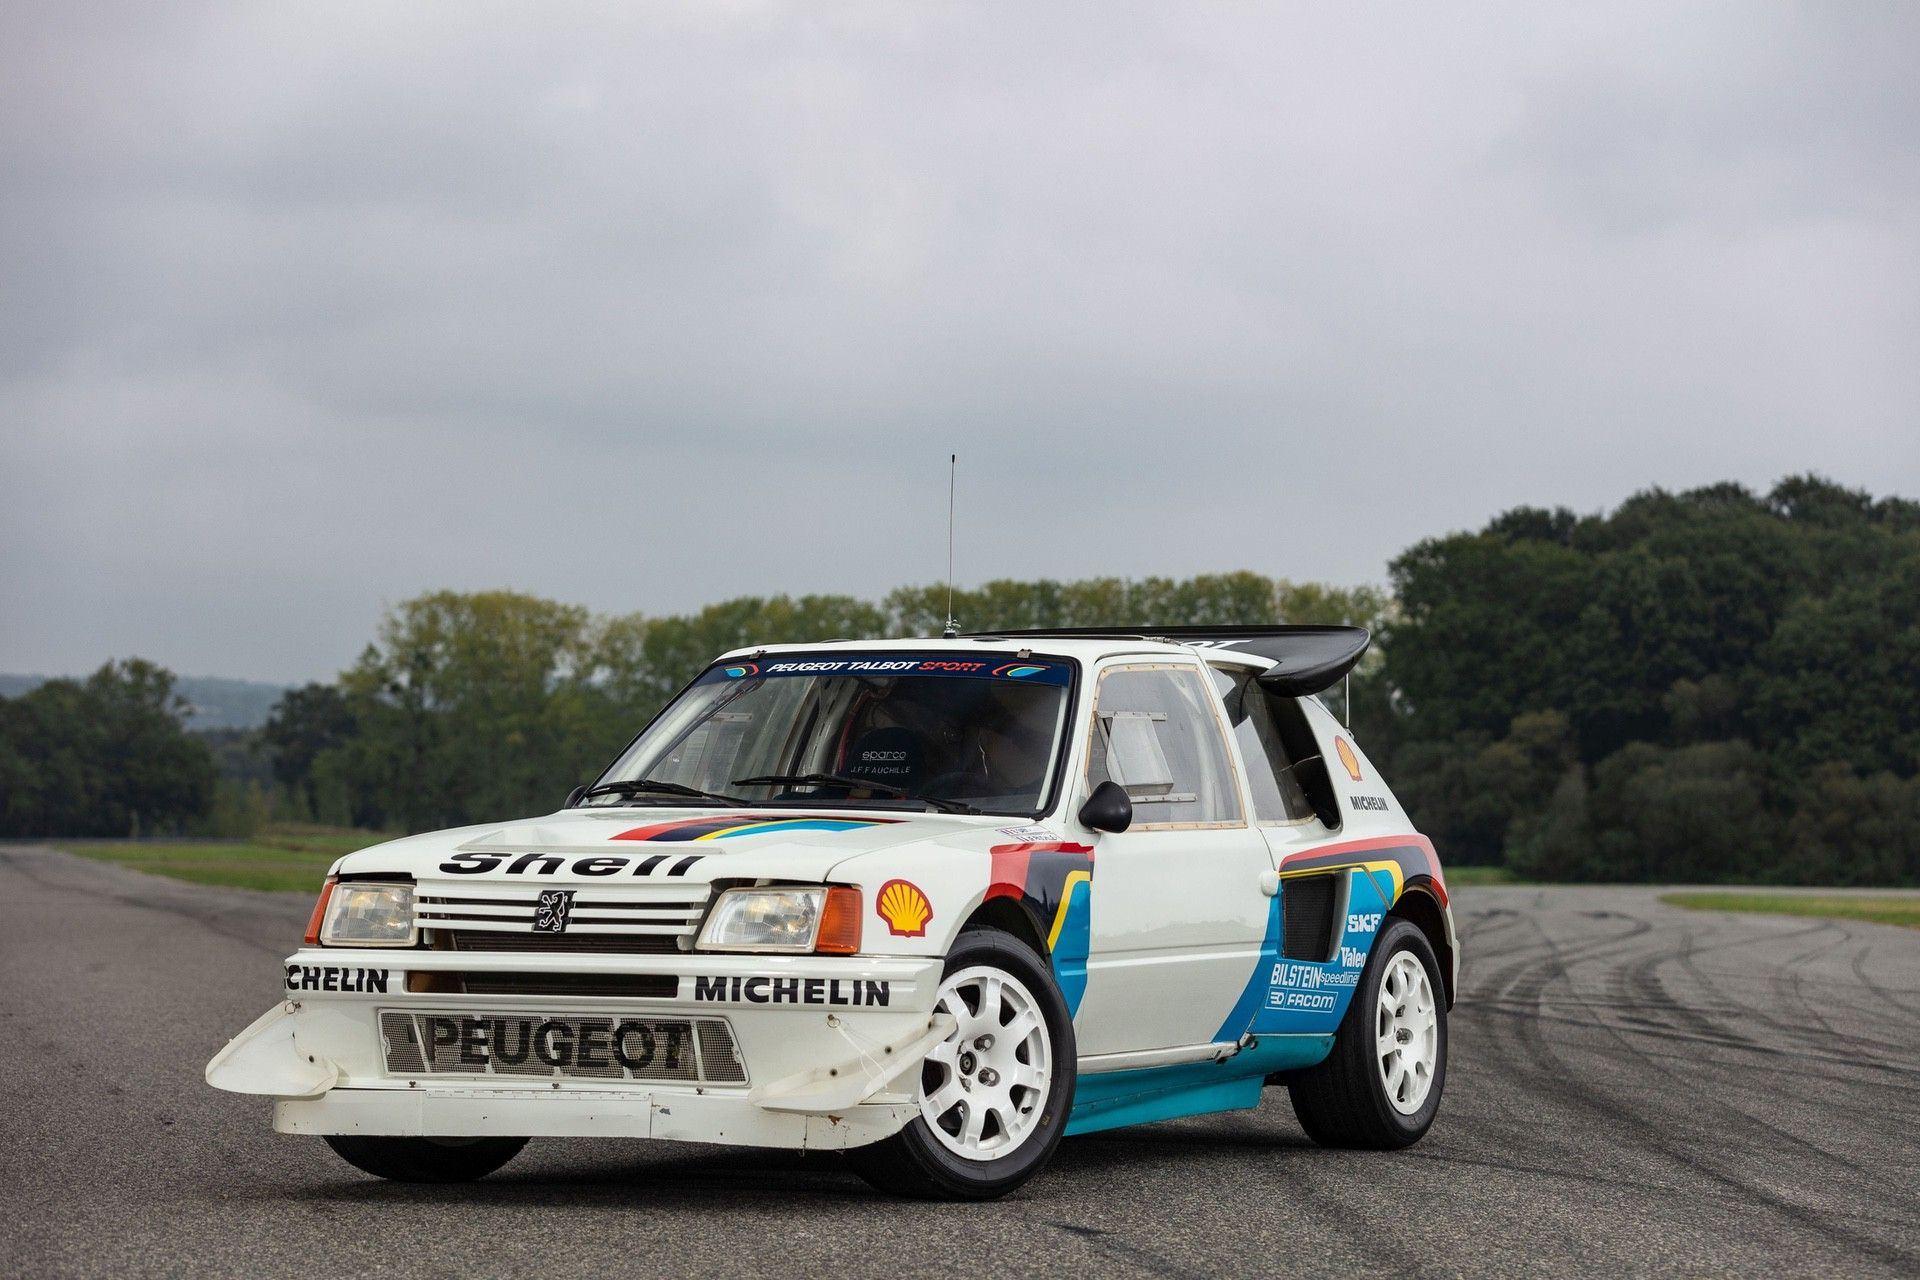 1985_Peugeot_205_Turbo_16_Evolution_2_sale-0004